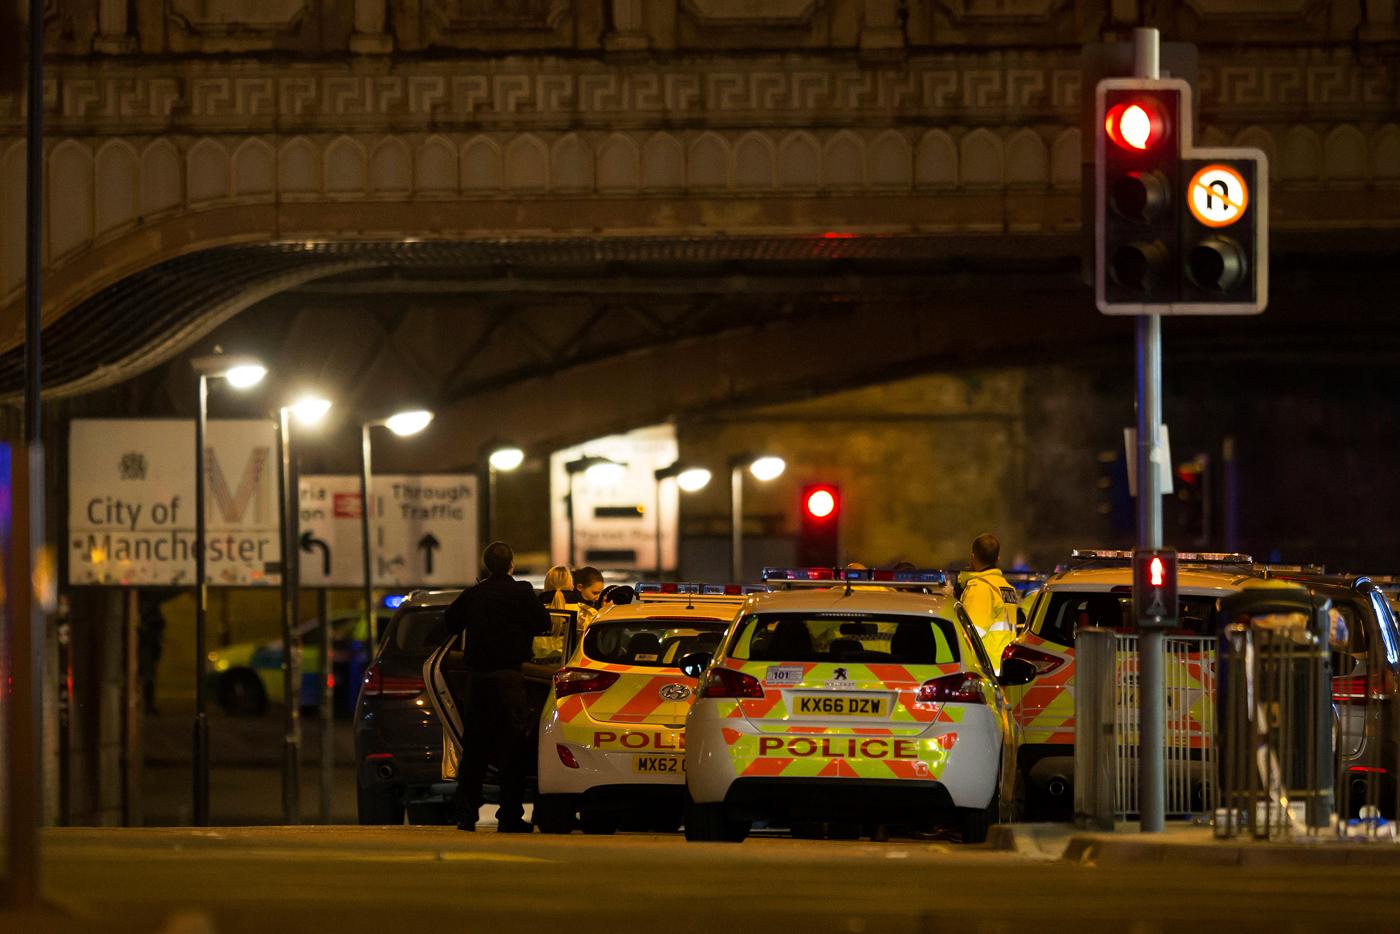 """Atentado en Manchester / REUTERS/Andrew YatesMay 22, 2017.  Al menos 19 personas murieron y 50 resultaron heridas como consecuencia de una explosión ocurrida en la noche del lunes en un recital de la estrella pop estadounidense Ariana Grande en la ciudad británica de Manchester, informó la policía, que agregó que trata el hecho como un """"incidente terrorista"""". REUTERS/Jon Super"""